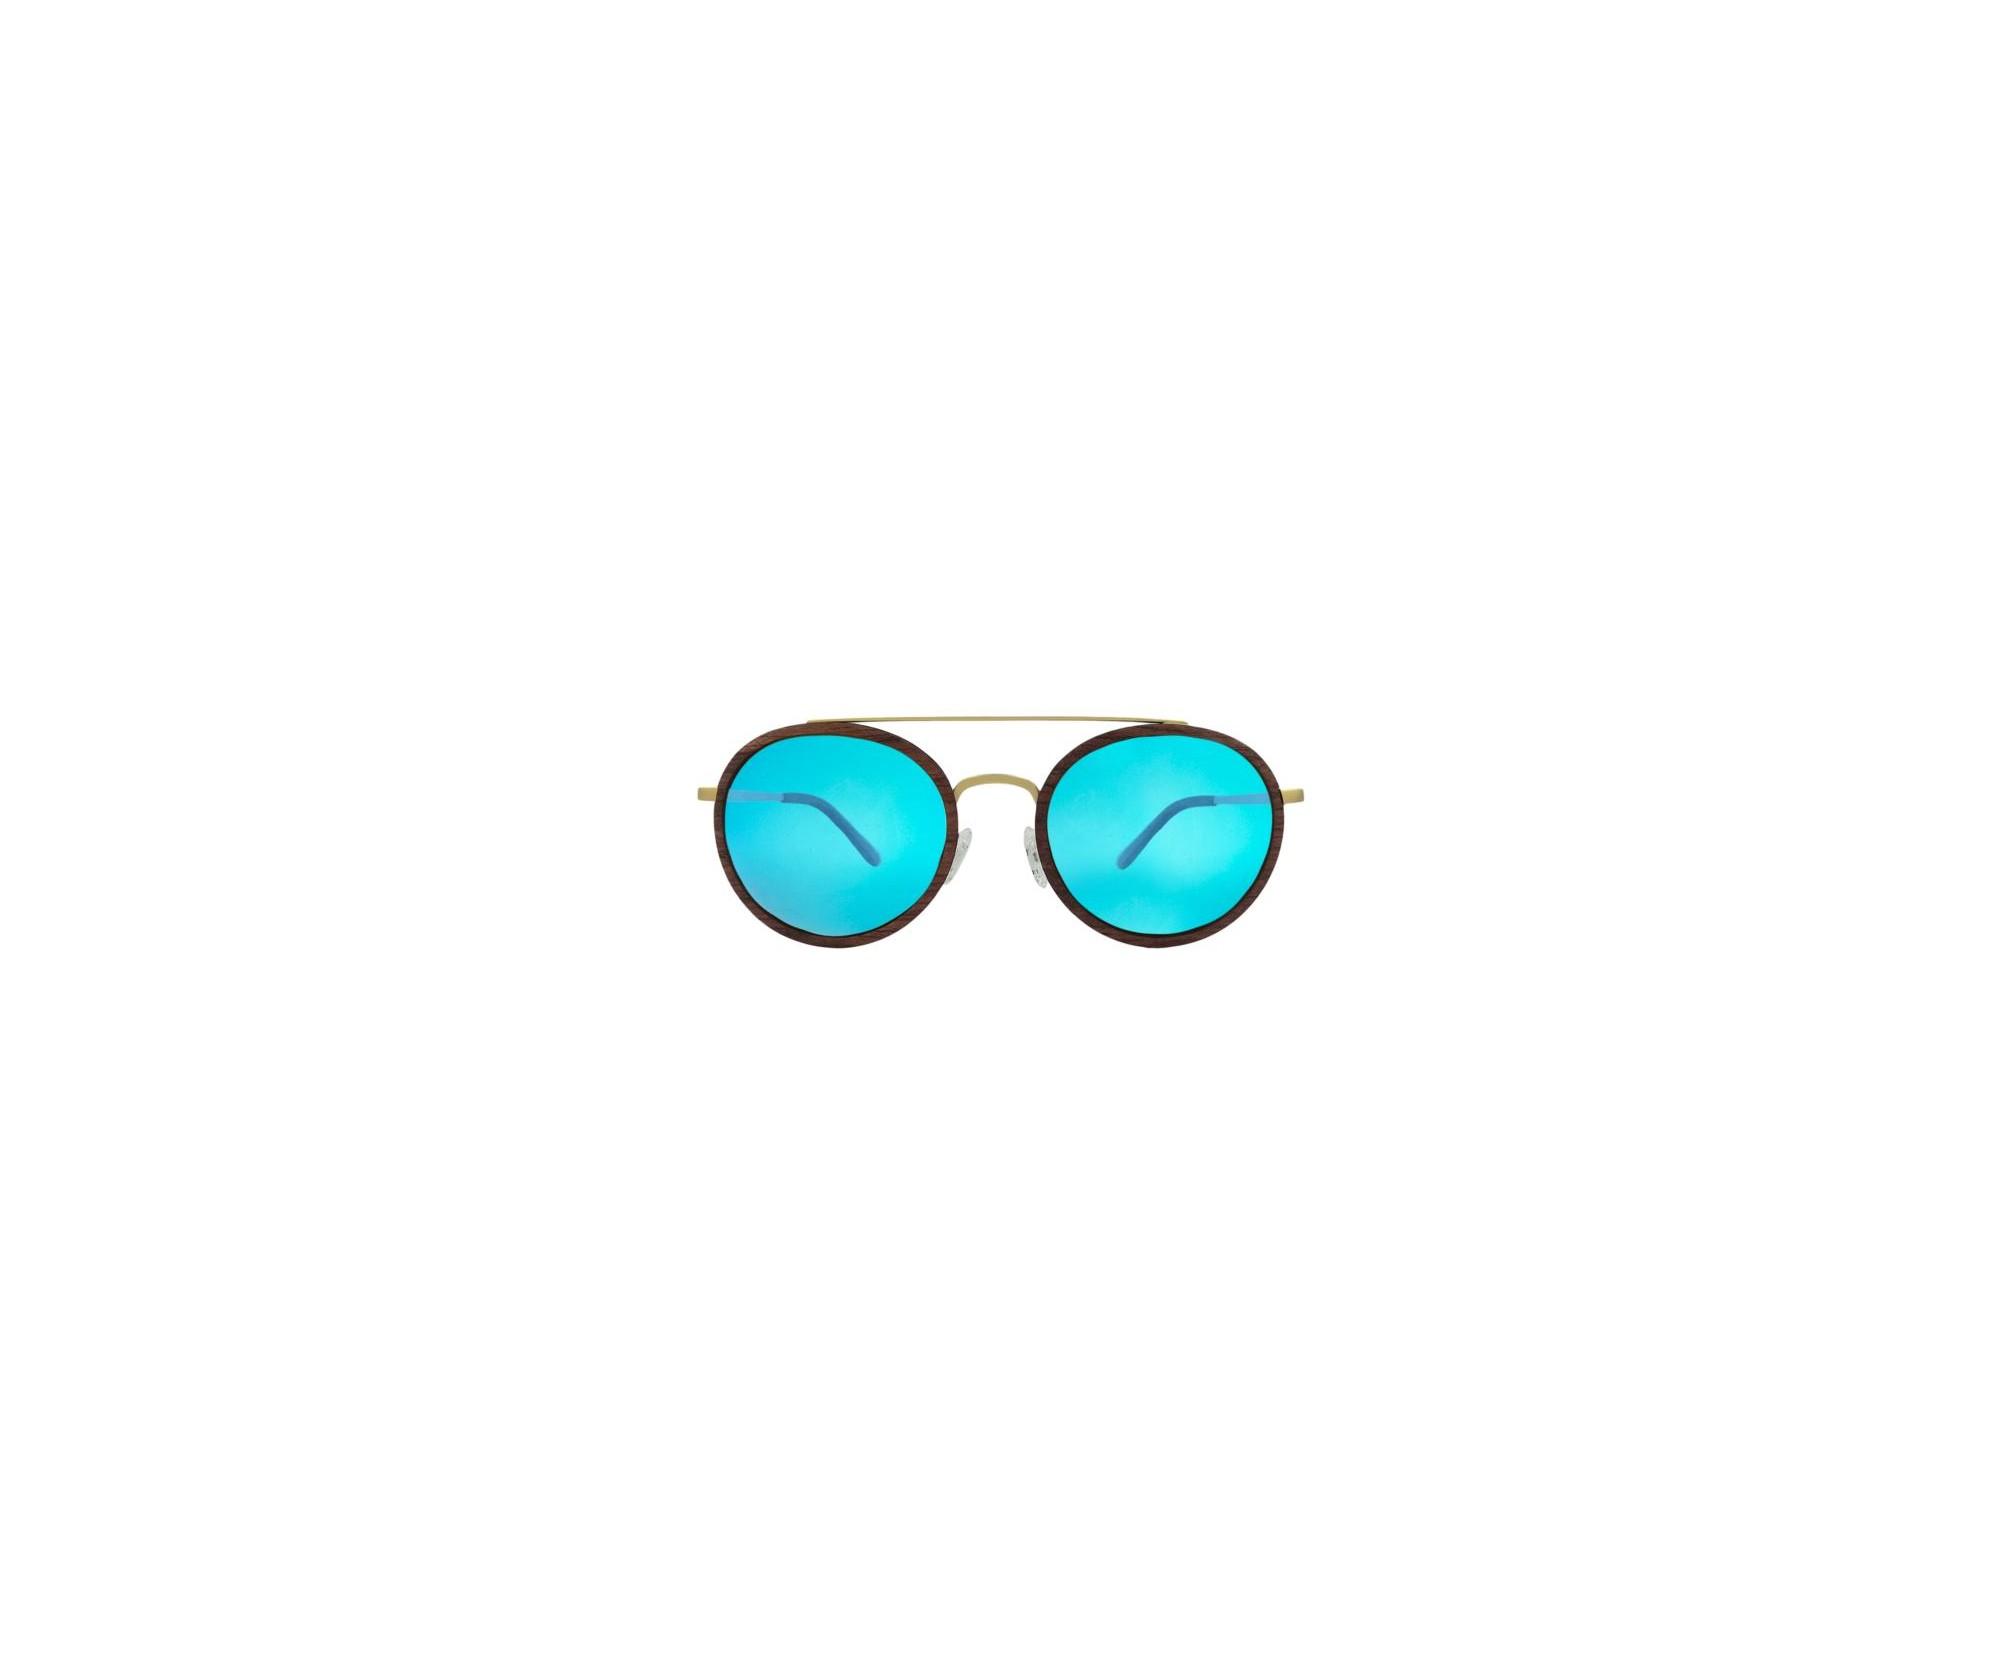 vendita calda online 149f2 b6212 Occhiali da sole in legno - unisex - con lenti polarizzate - DOLFILAND